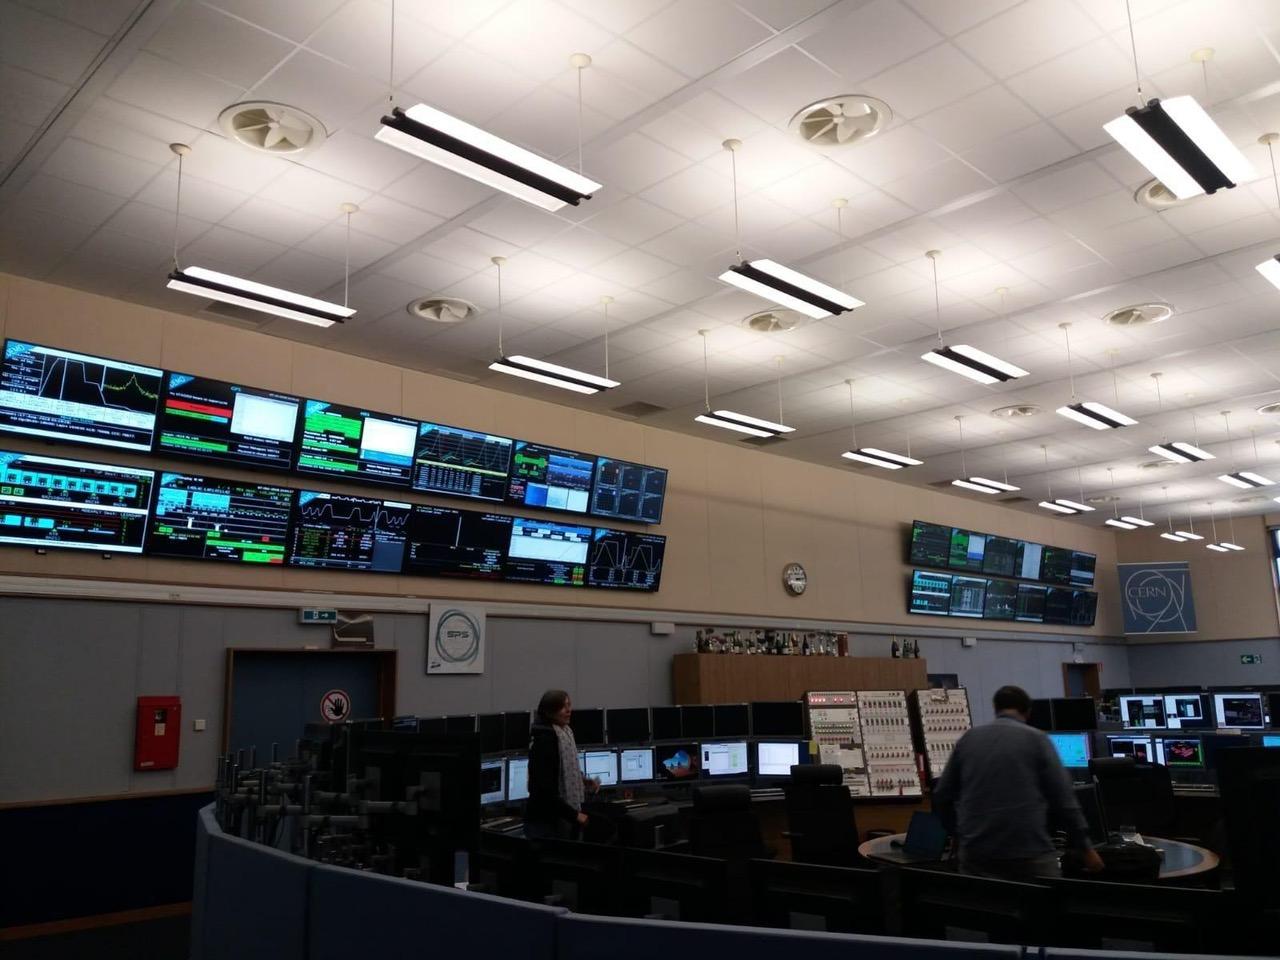 das CERN Control Center